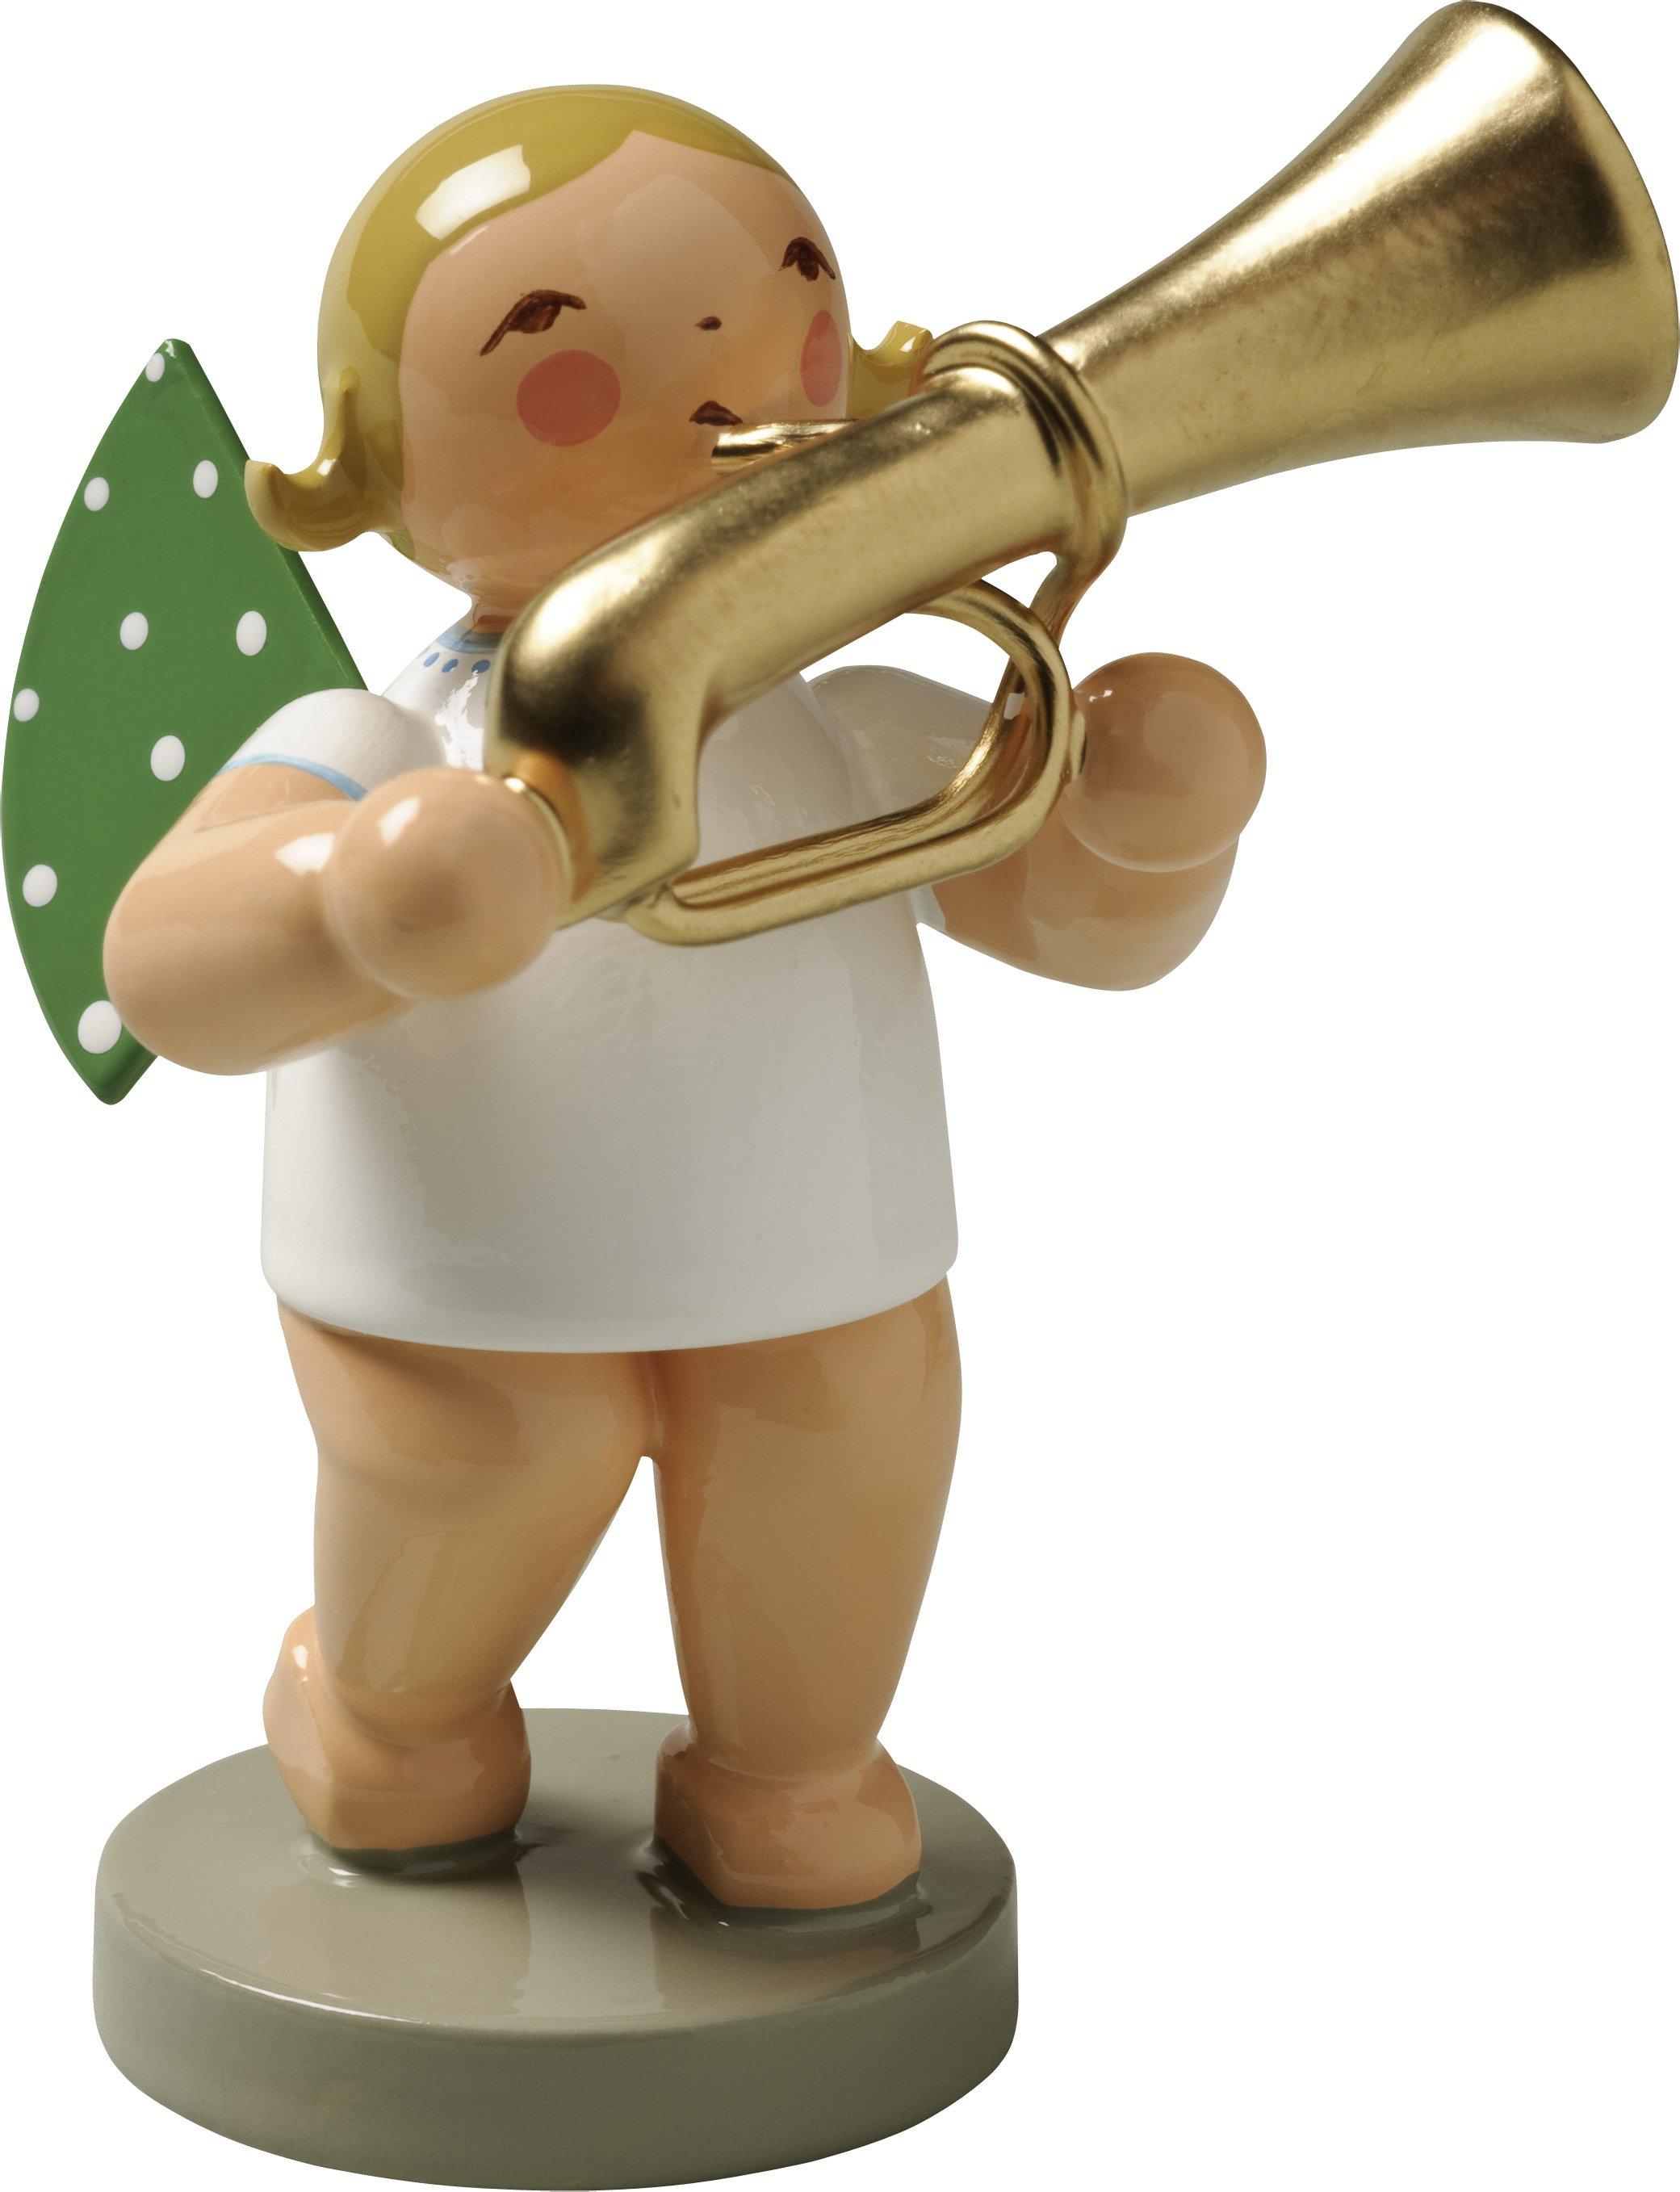 650_28 - Engel mit Basstrompete der Firma Wendt und Kühn